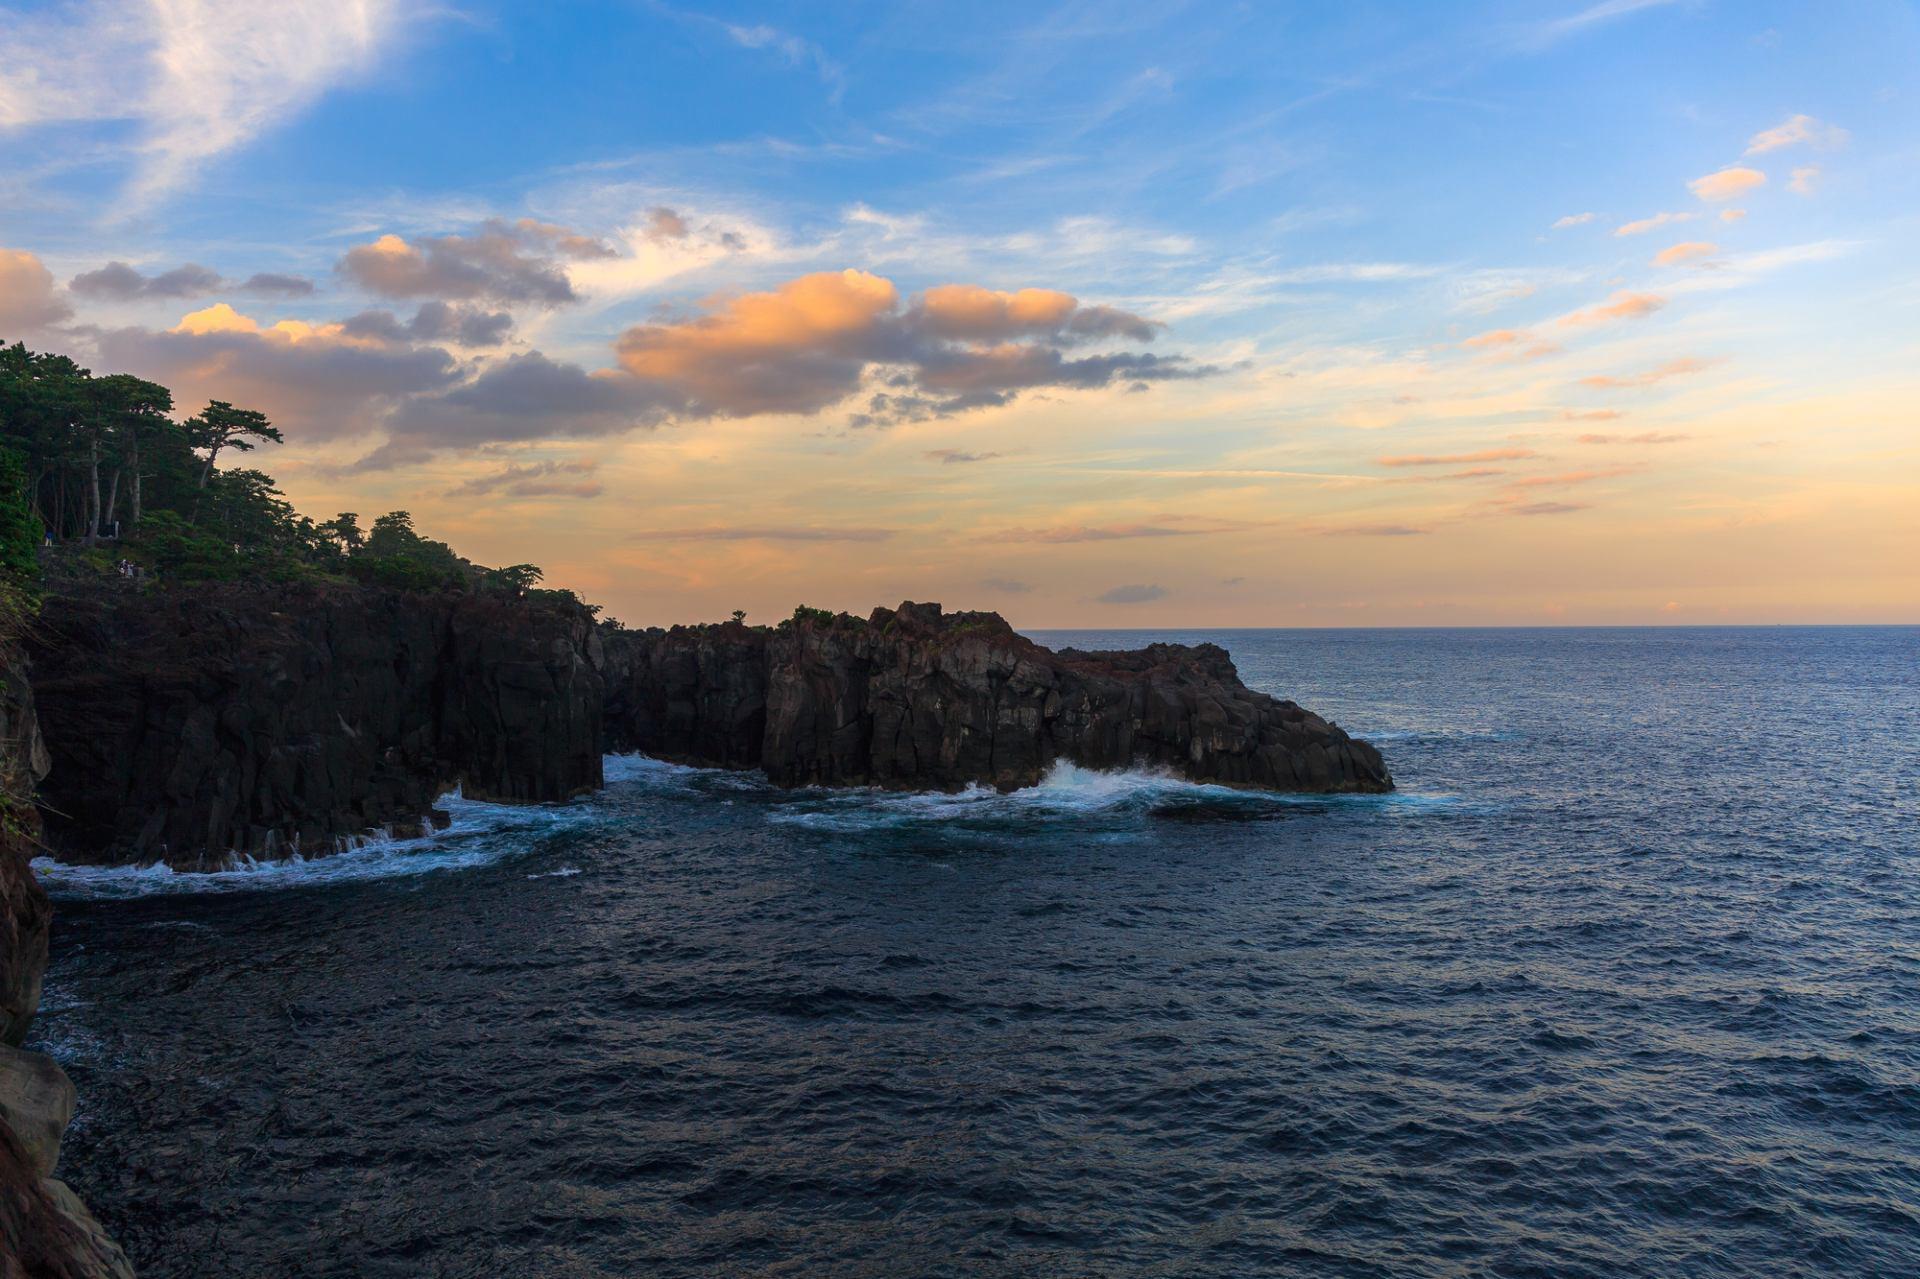 城崎海岸、懸崖峭壁、絕佳景色